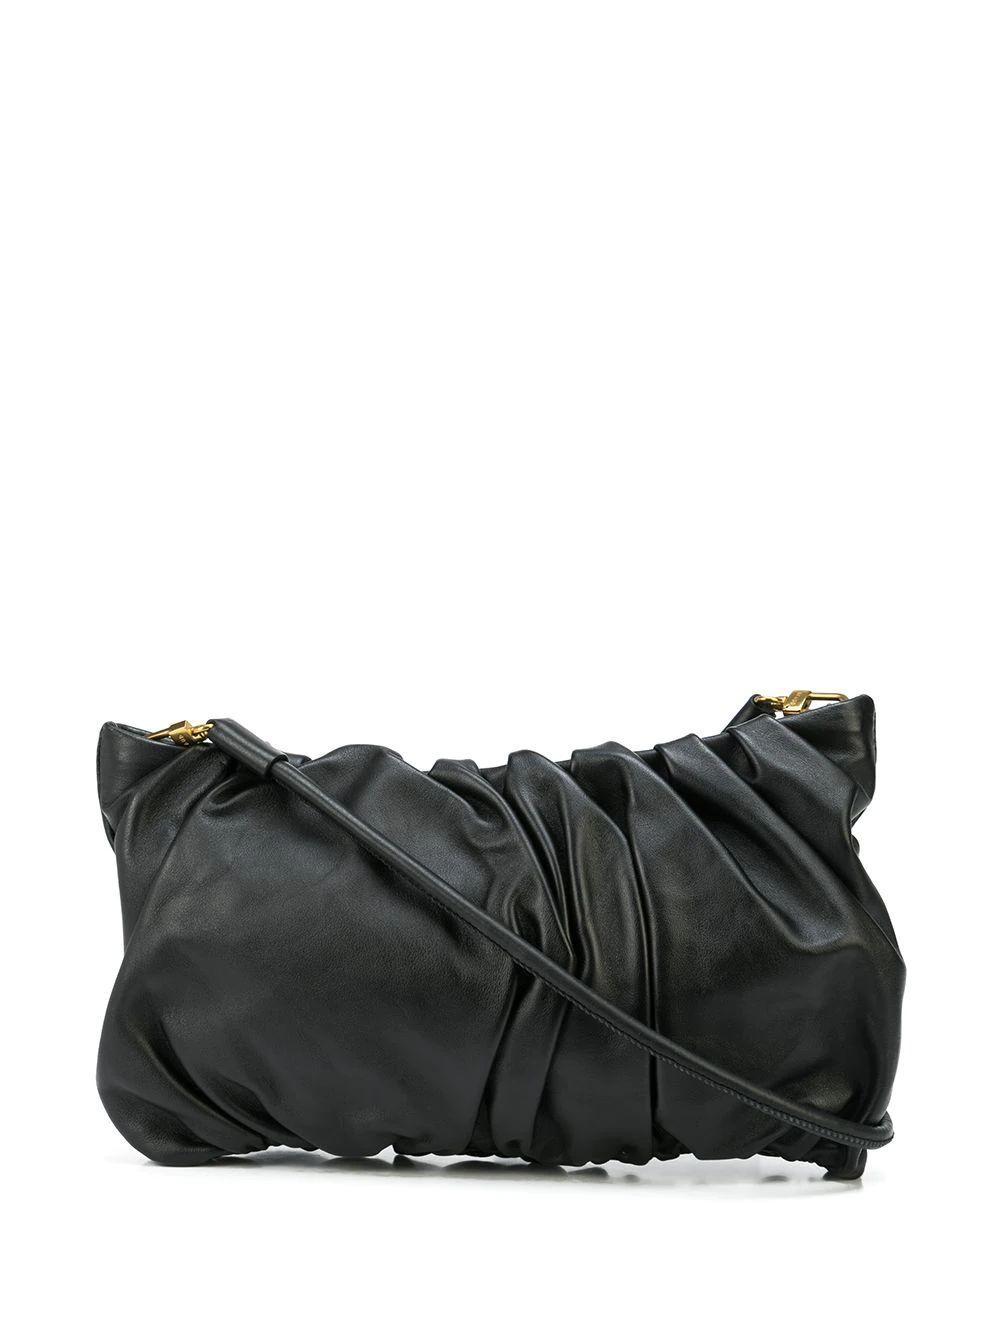 Large Bean Crossbody Bag Item # 207-9425